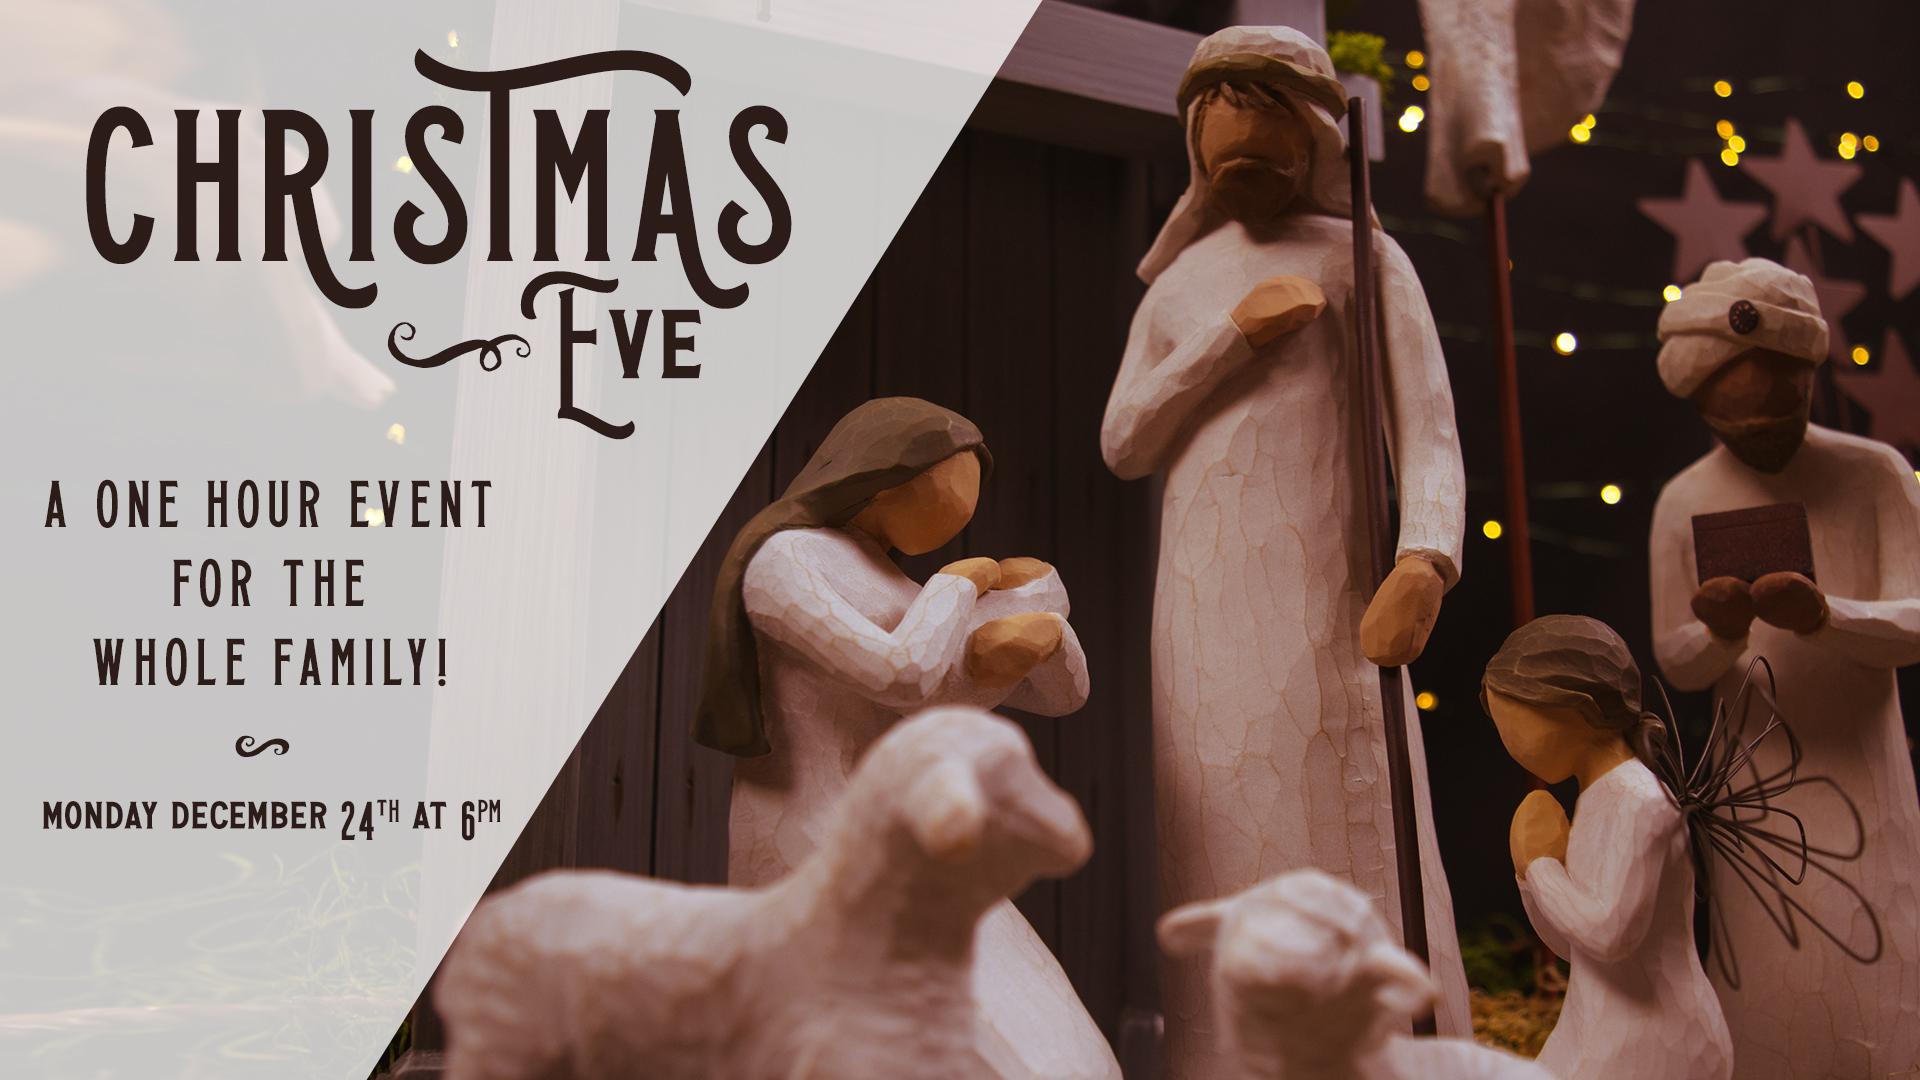 Christmas Eve 2018